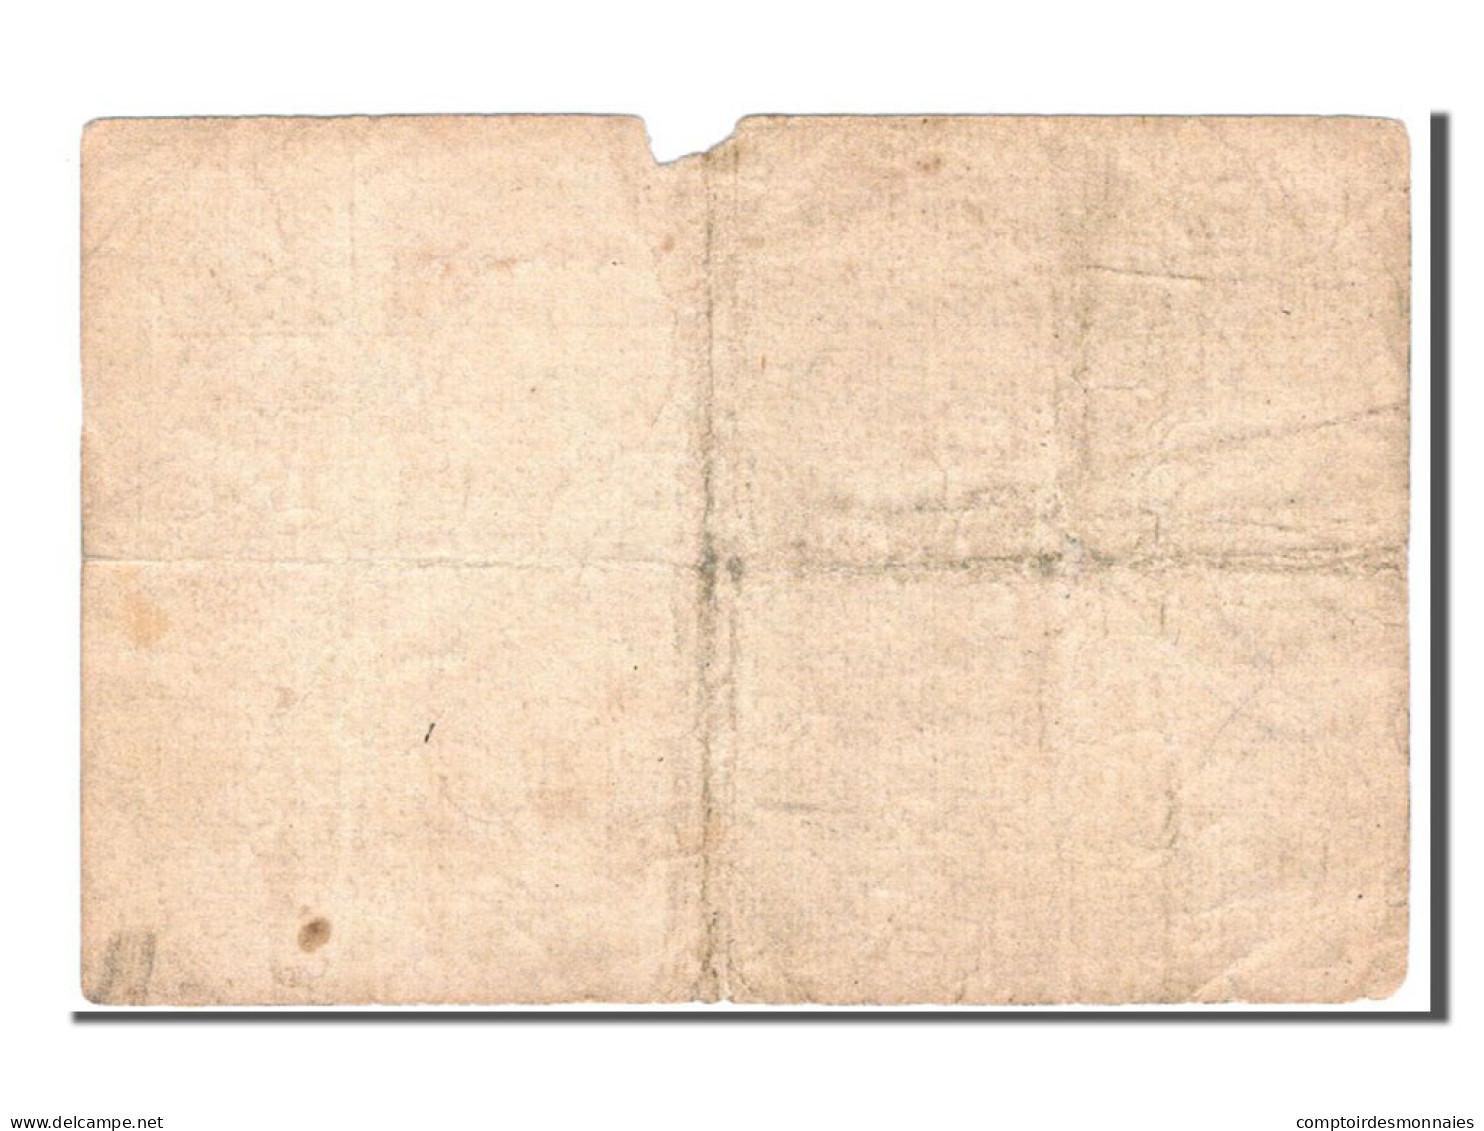 [#83419] Pays-Bas, 1 Gulden Type 1916, Pick 8 - 1 Gulden